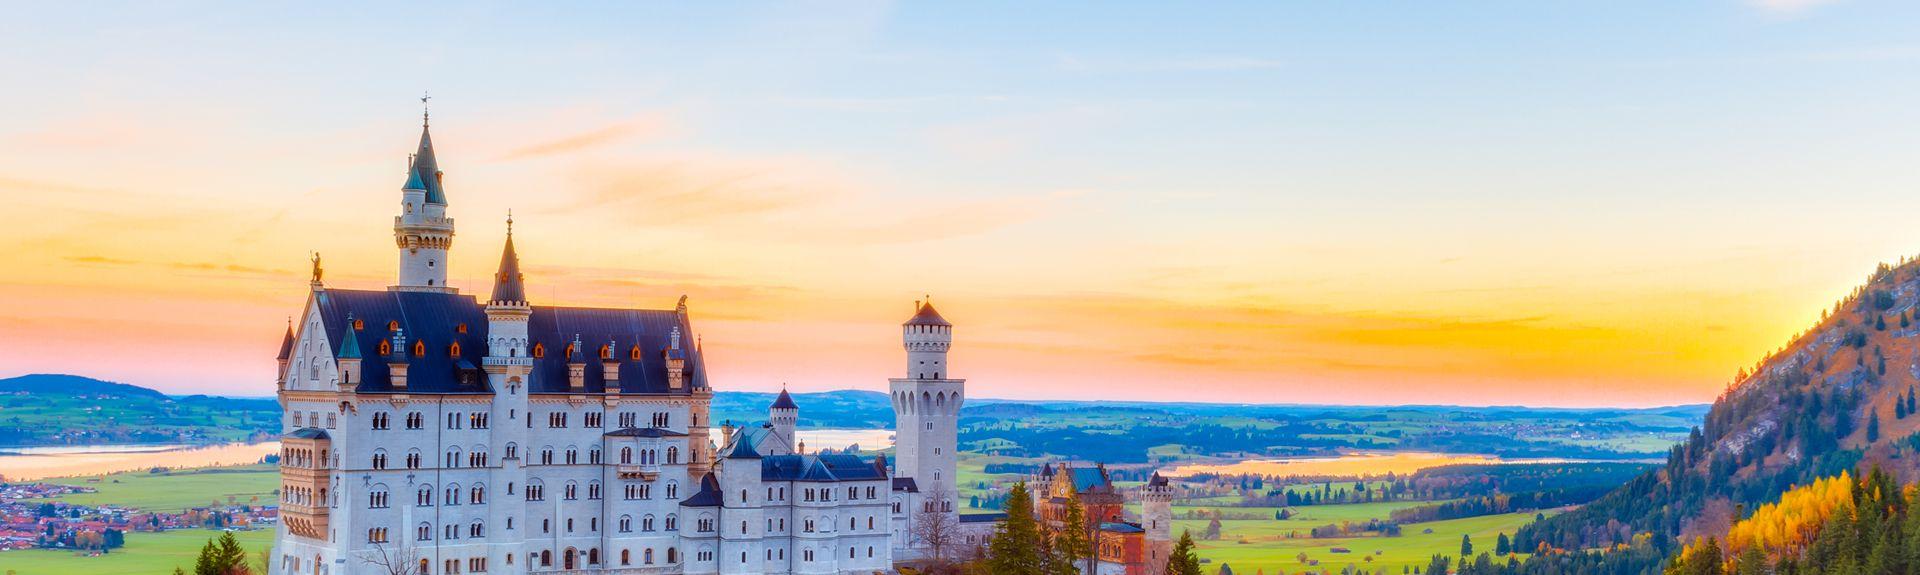 Landsberg am Lech, Bavière, Allemagne